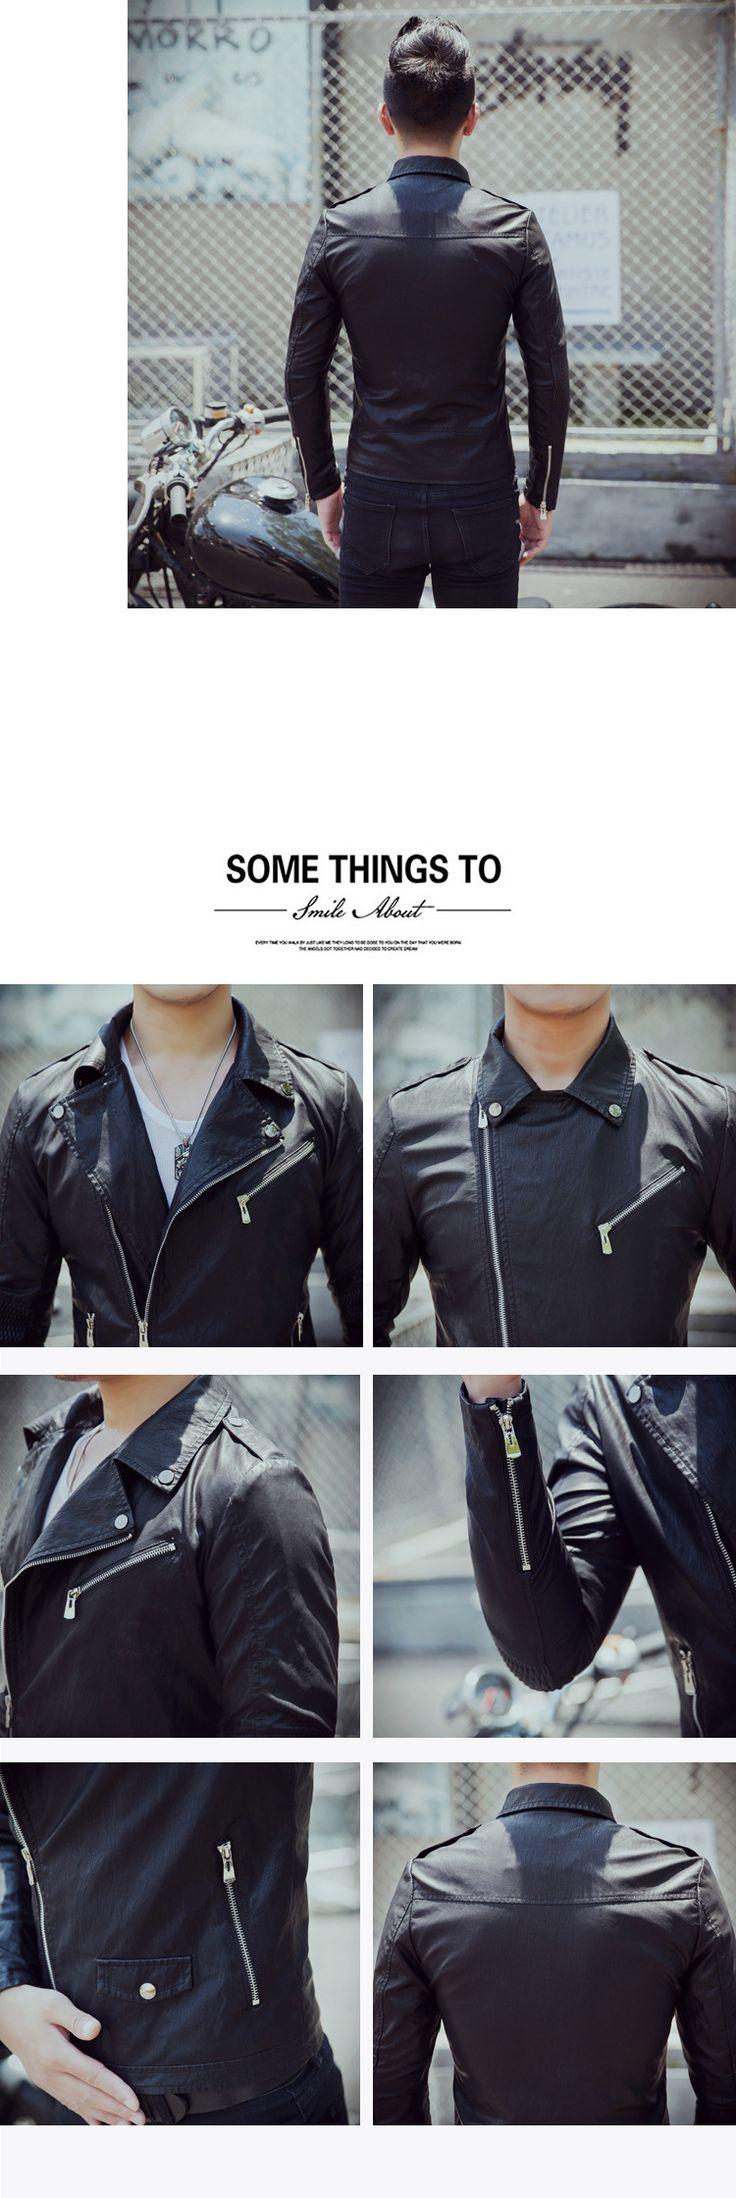 Большой размер М 5XL Новый мужская Кожаная Куртка Черный Мода Панк Мотоцикл Куртки Мужчины Slim Fit PU Кожаное Пальто купить на AliExpress